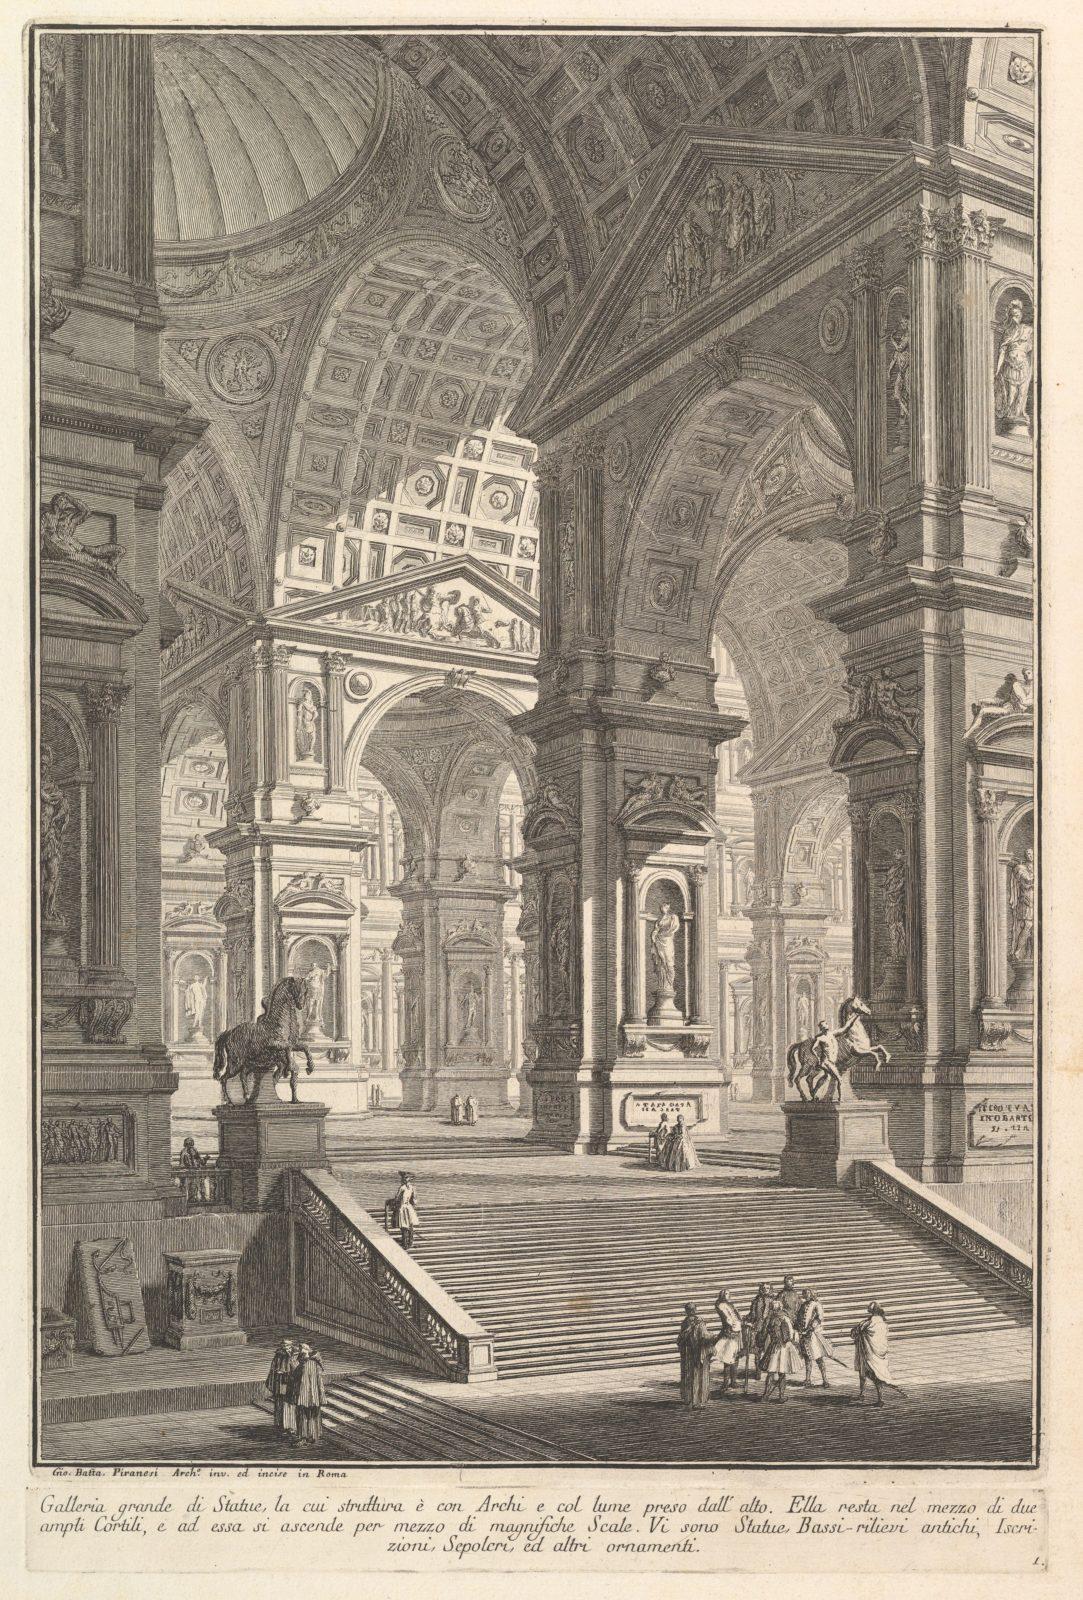 Large sculpture gallery built on arches and lit from above . . . (Galleria grande di Statue, la cui struttura è con Archi e col lume preso dall'alto . . . .)